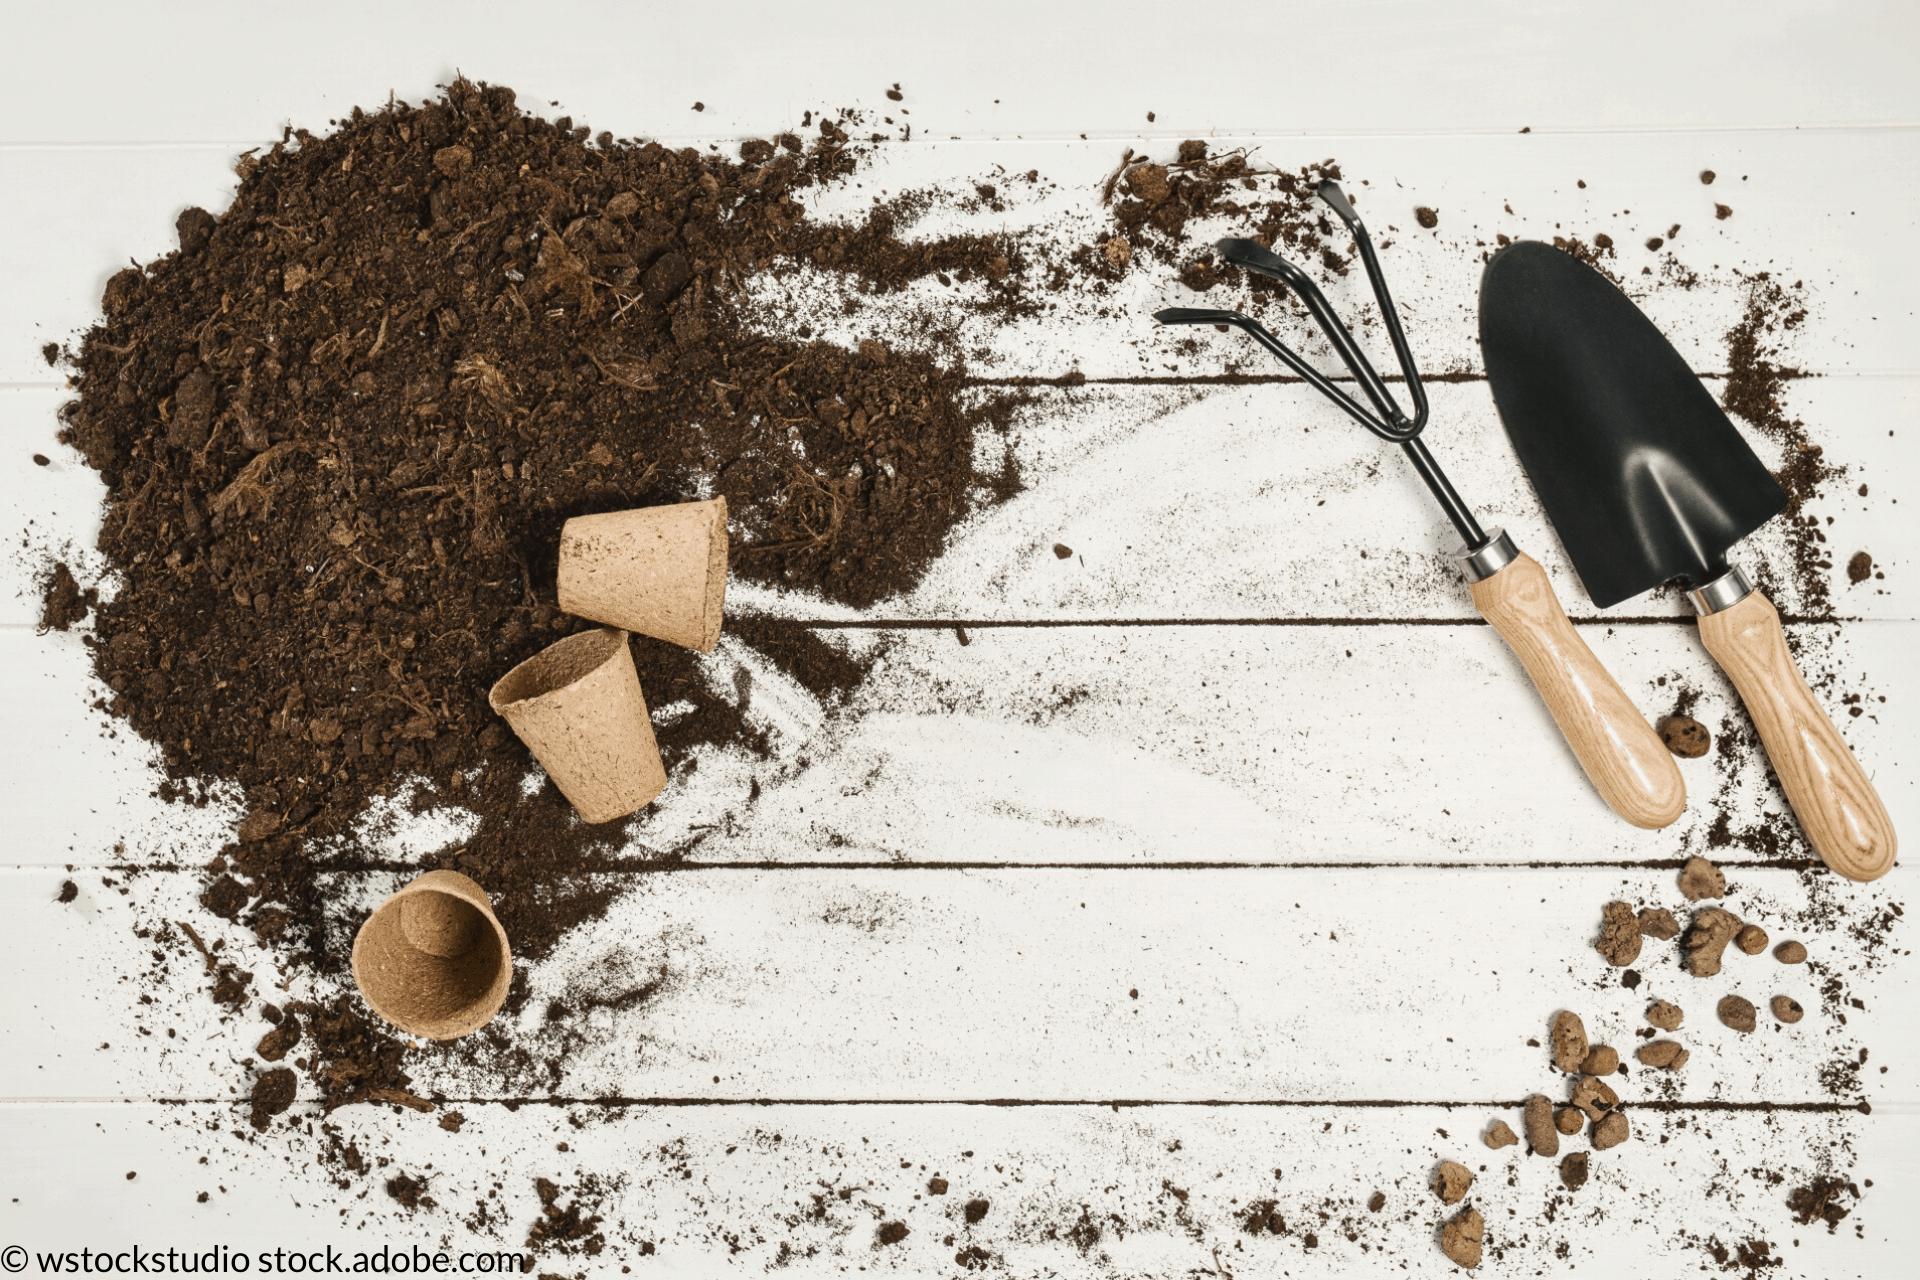 rengore dine haveredskaber